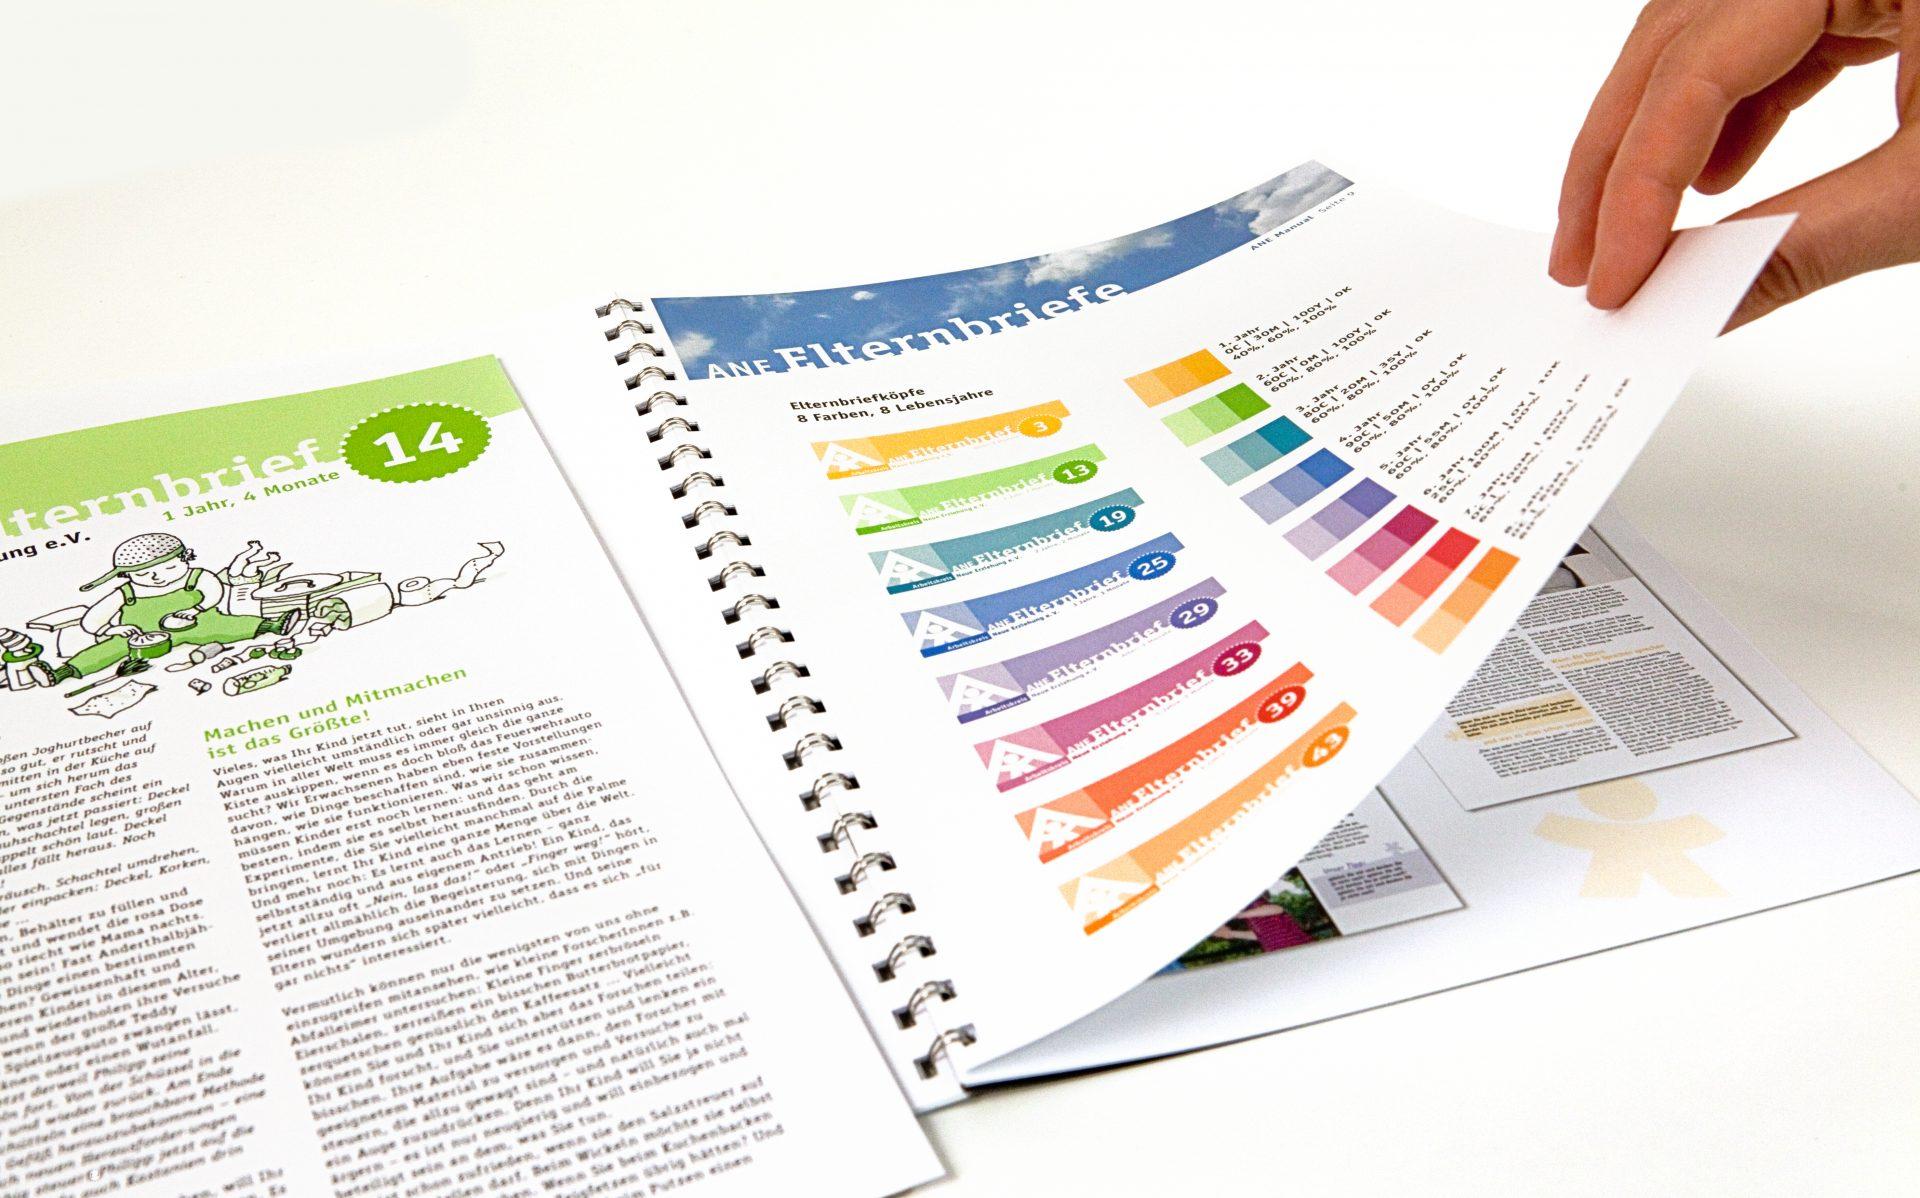 Styleguide mit Farbkonzept - Typoly